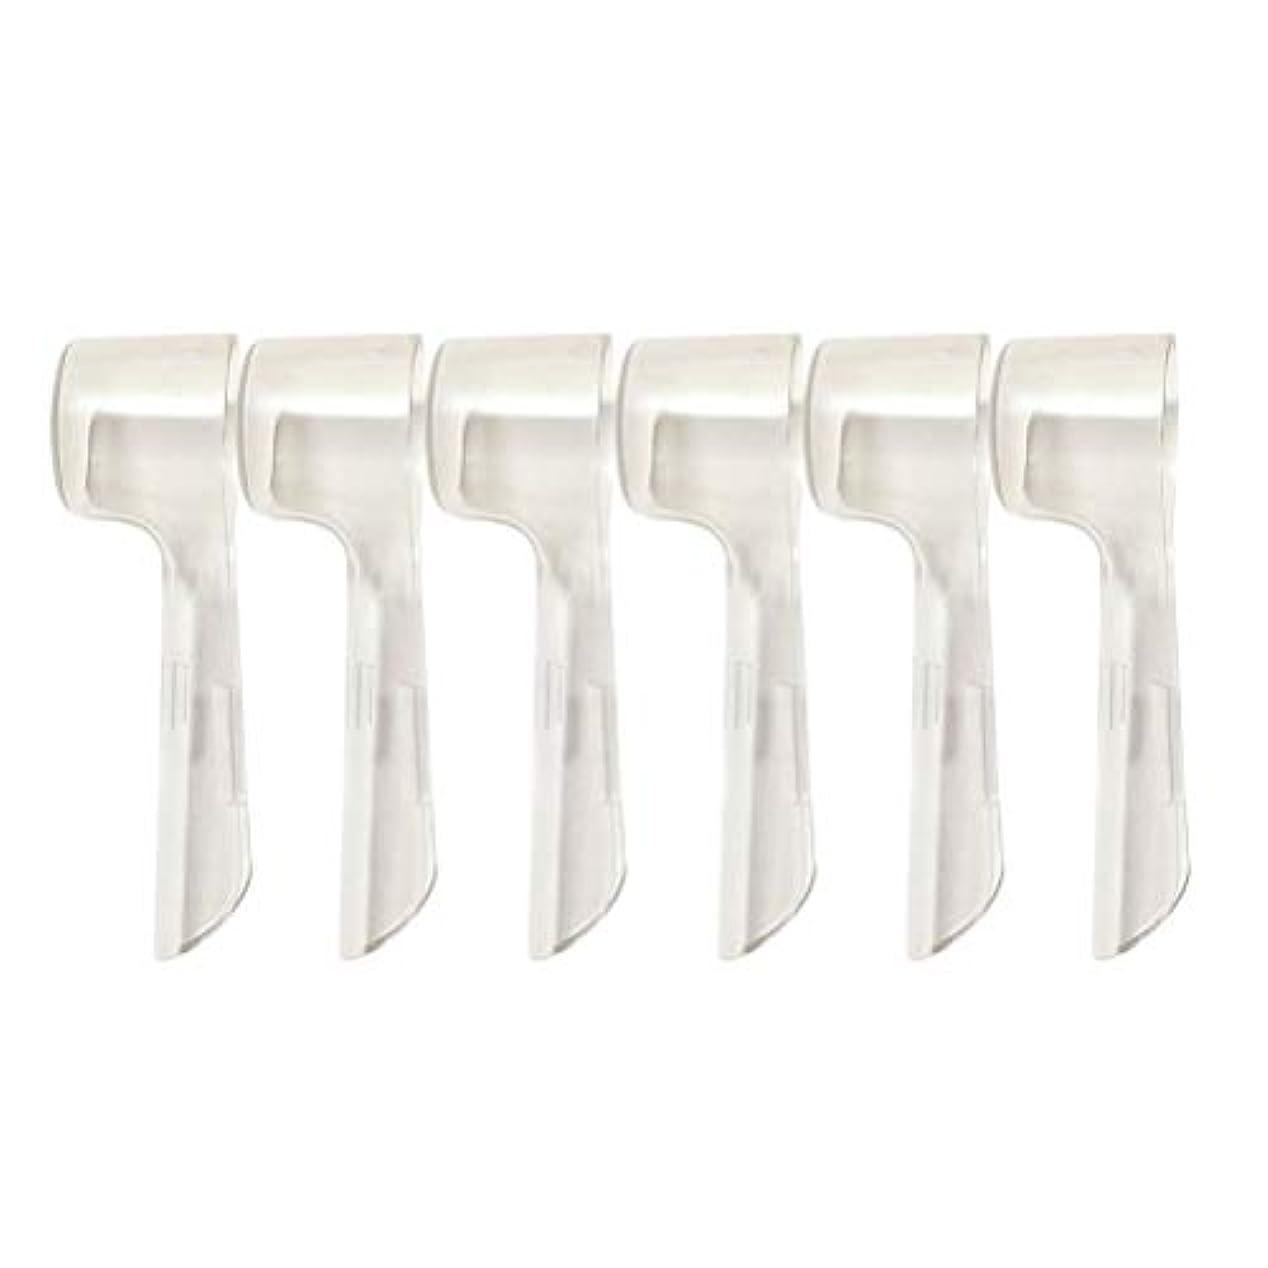 可動式ラダ識別SUPVOX 旅行のために便利な電動歯ブラシのための10本の歯ブラシヘッドカバー